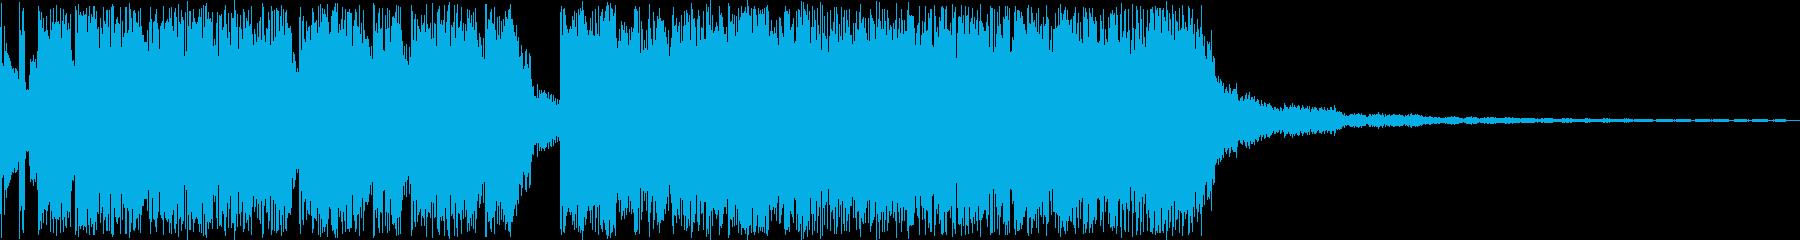 ロック調のジングルです。の再生済みの波形